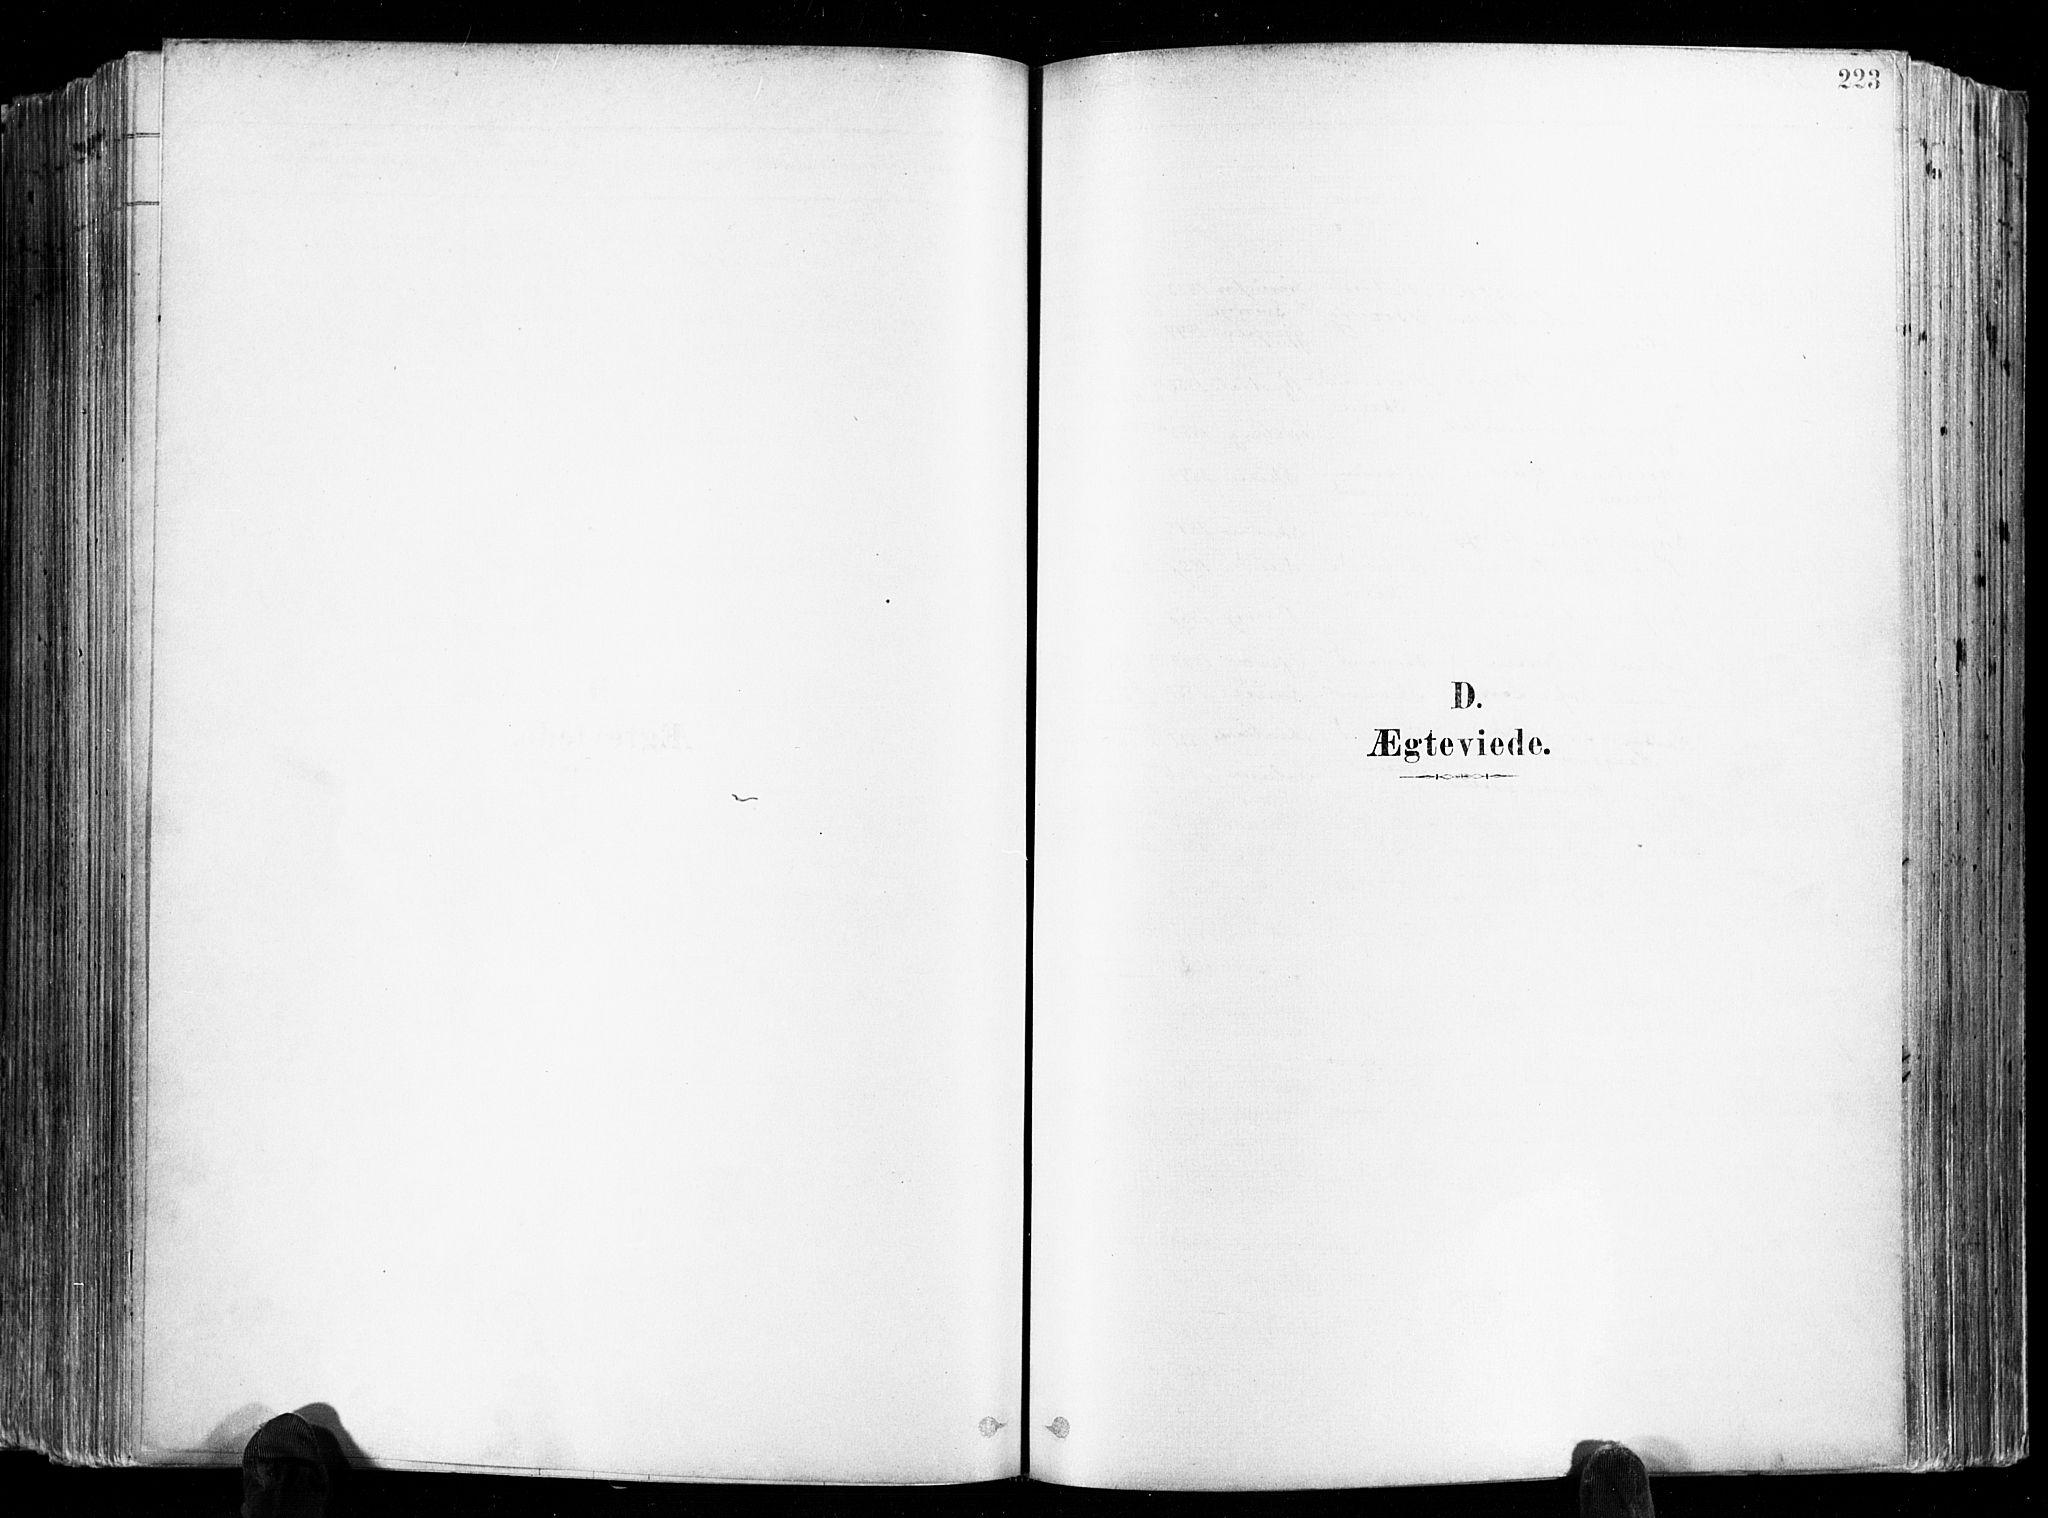 SAKO, Skien kirkebøker, F/Fa/L0009: Ministerialbok nr. 9, 1878-1890, s. 223